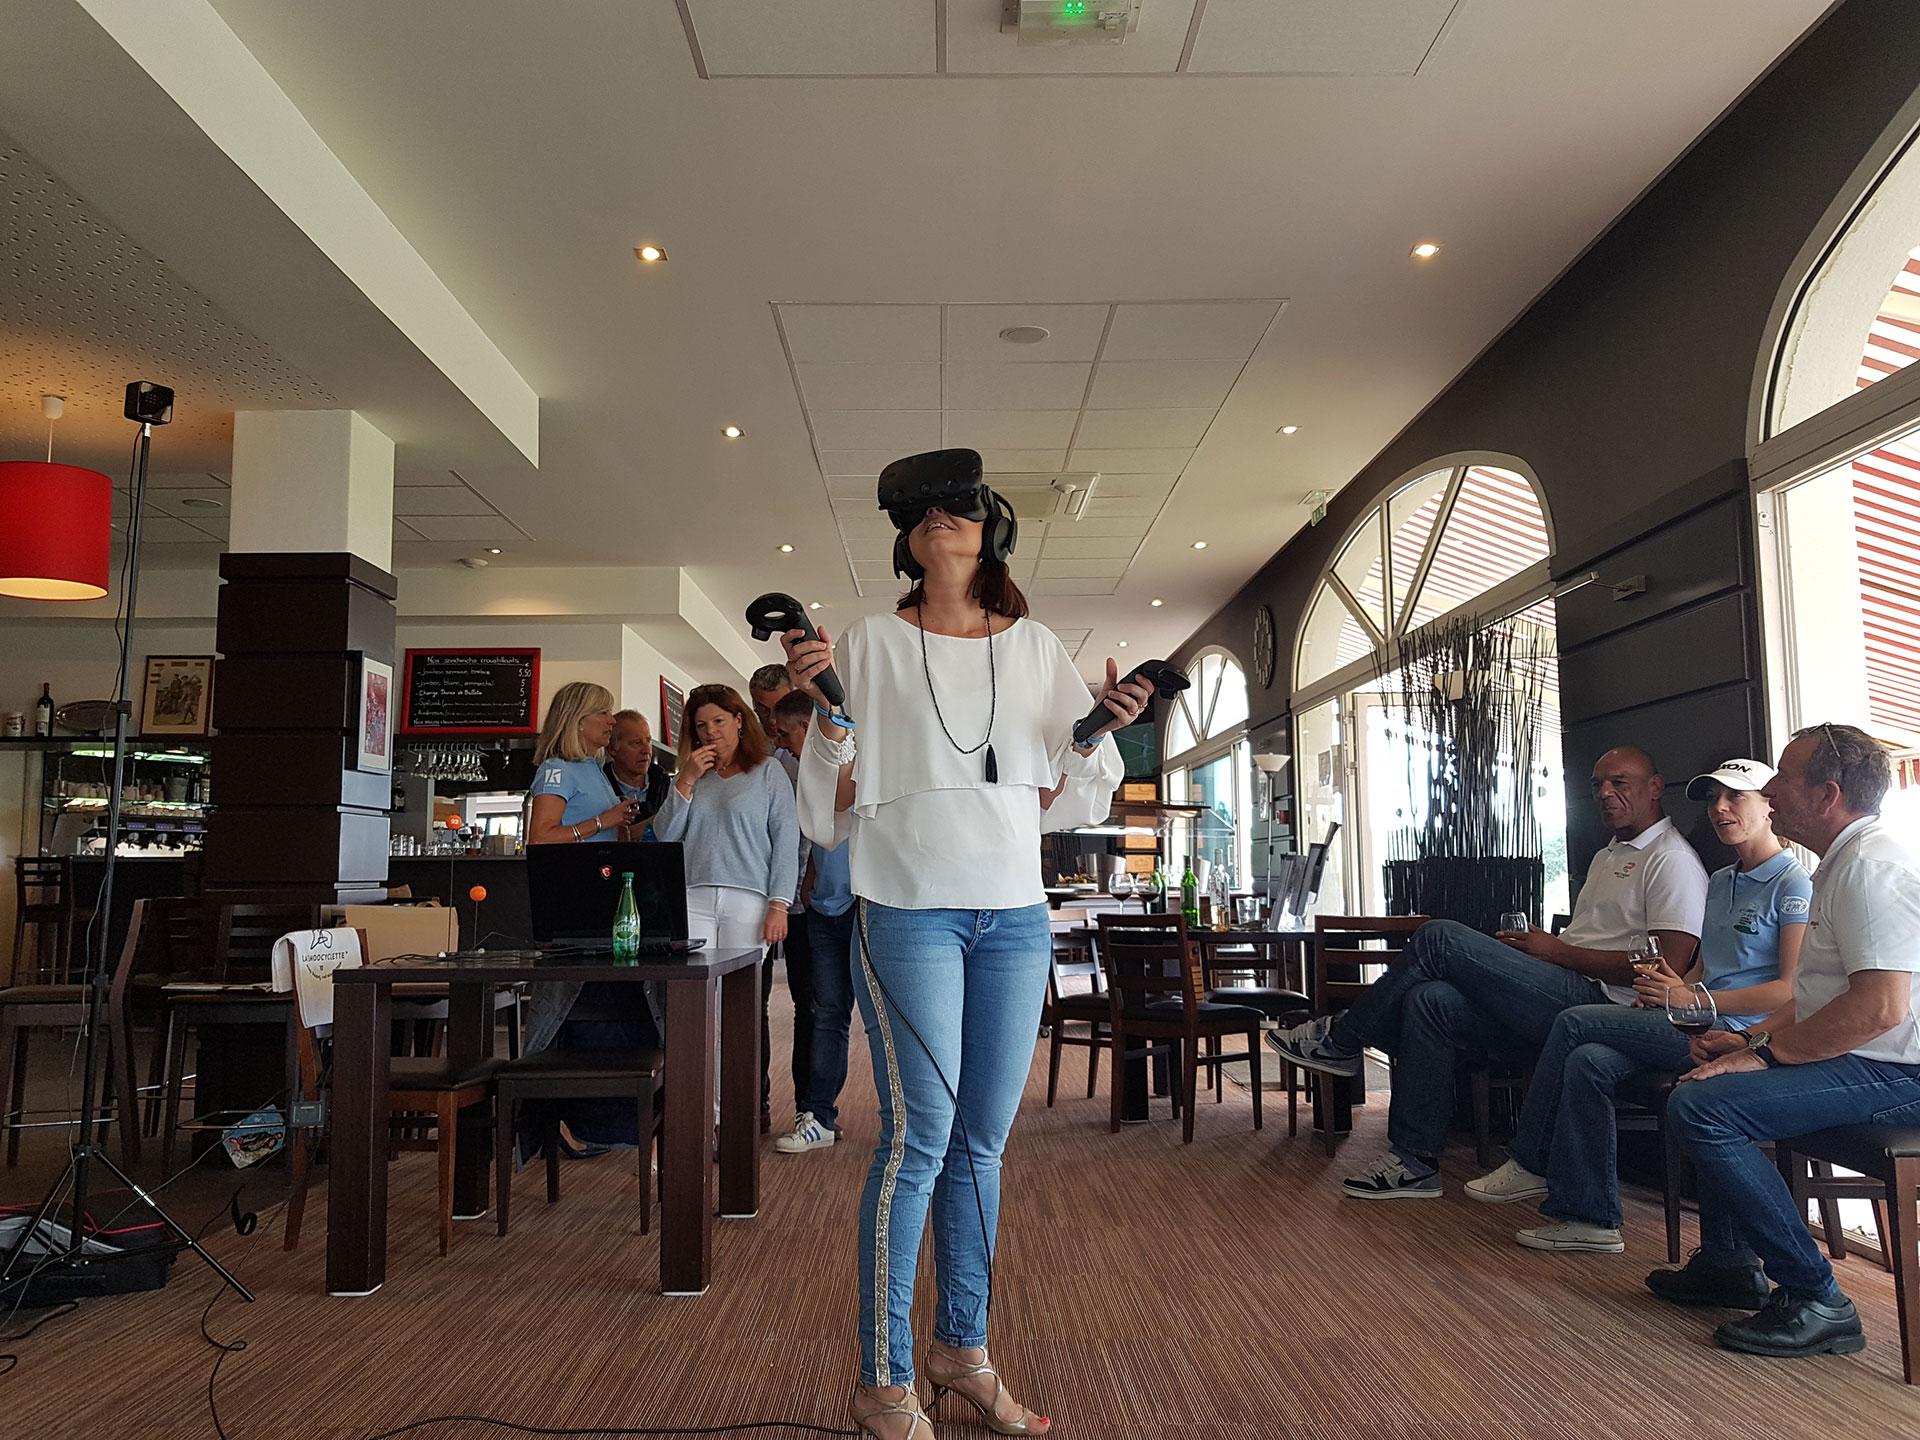 [POZA] La réalité virtuelle au 12e Open de Golf de l'Aviron Bayonnais Rugby Pro